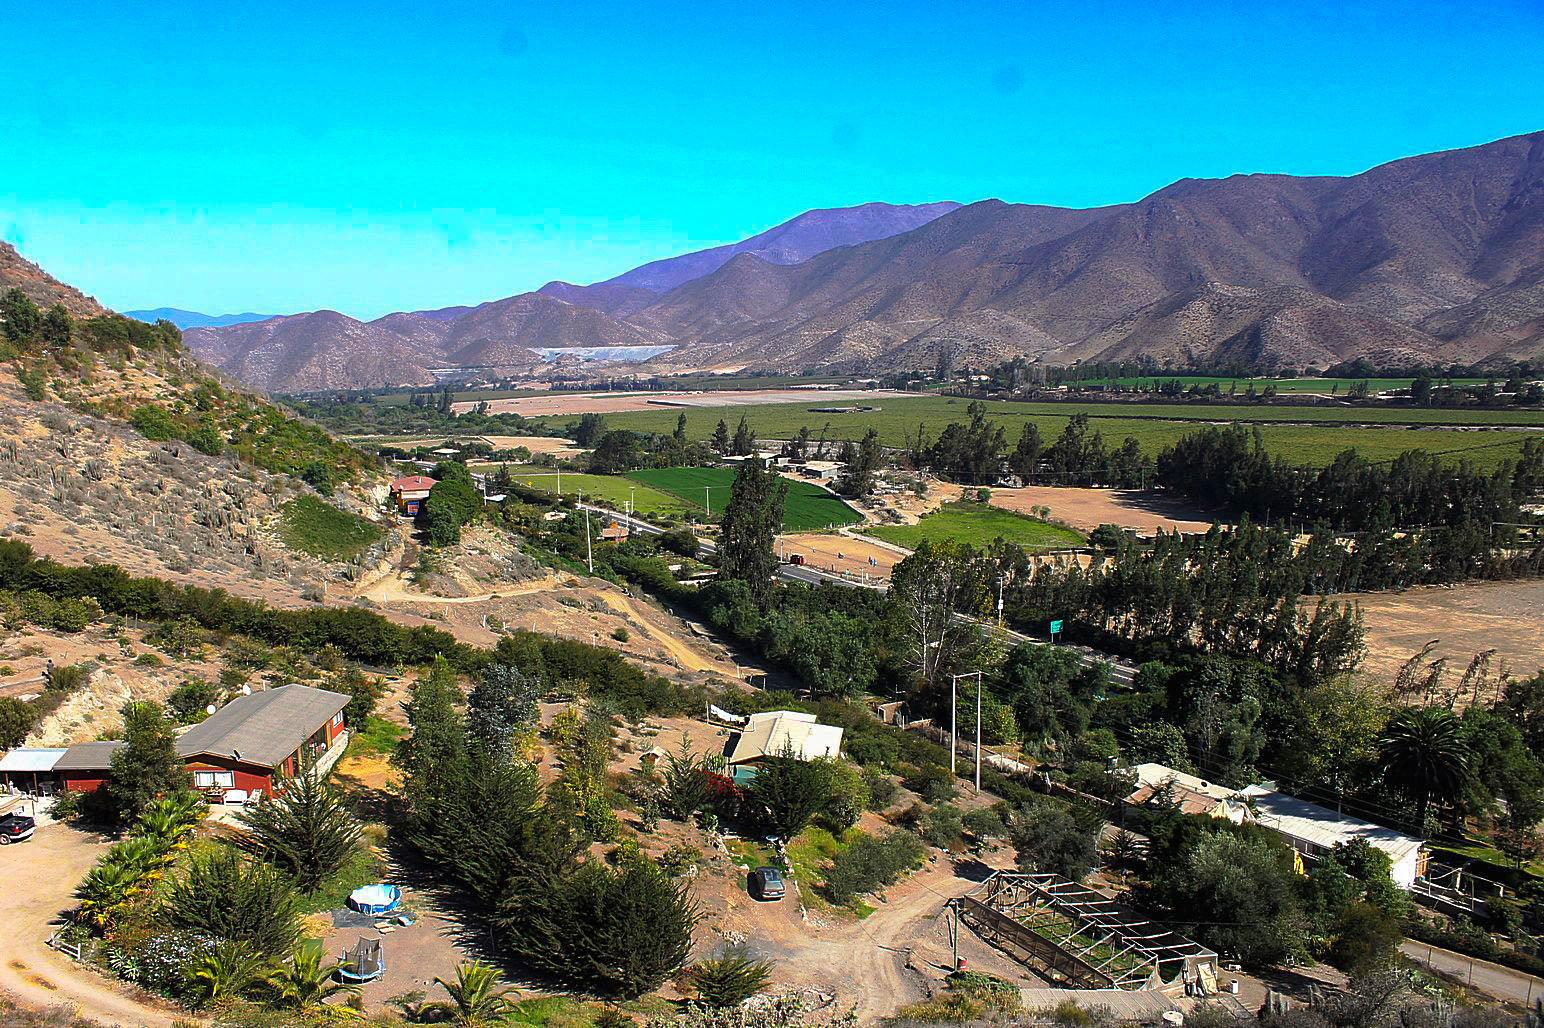 Terreno de 6 hectáreas y dos casas, sector Marquesa en el Valle del Elqui. 10.000 UF